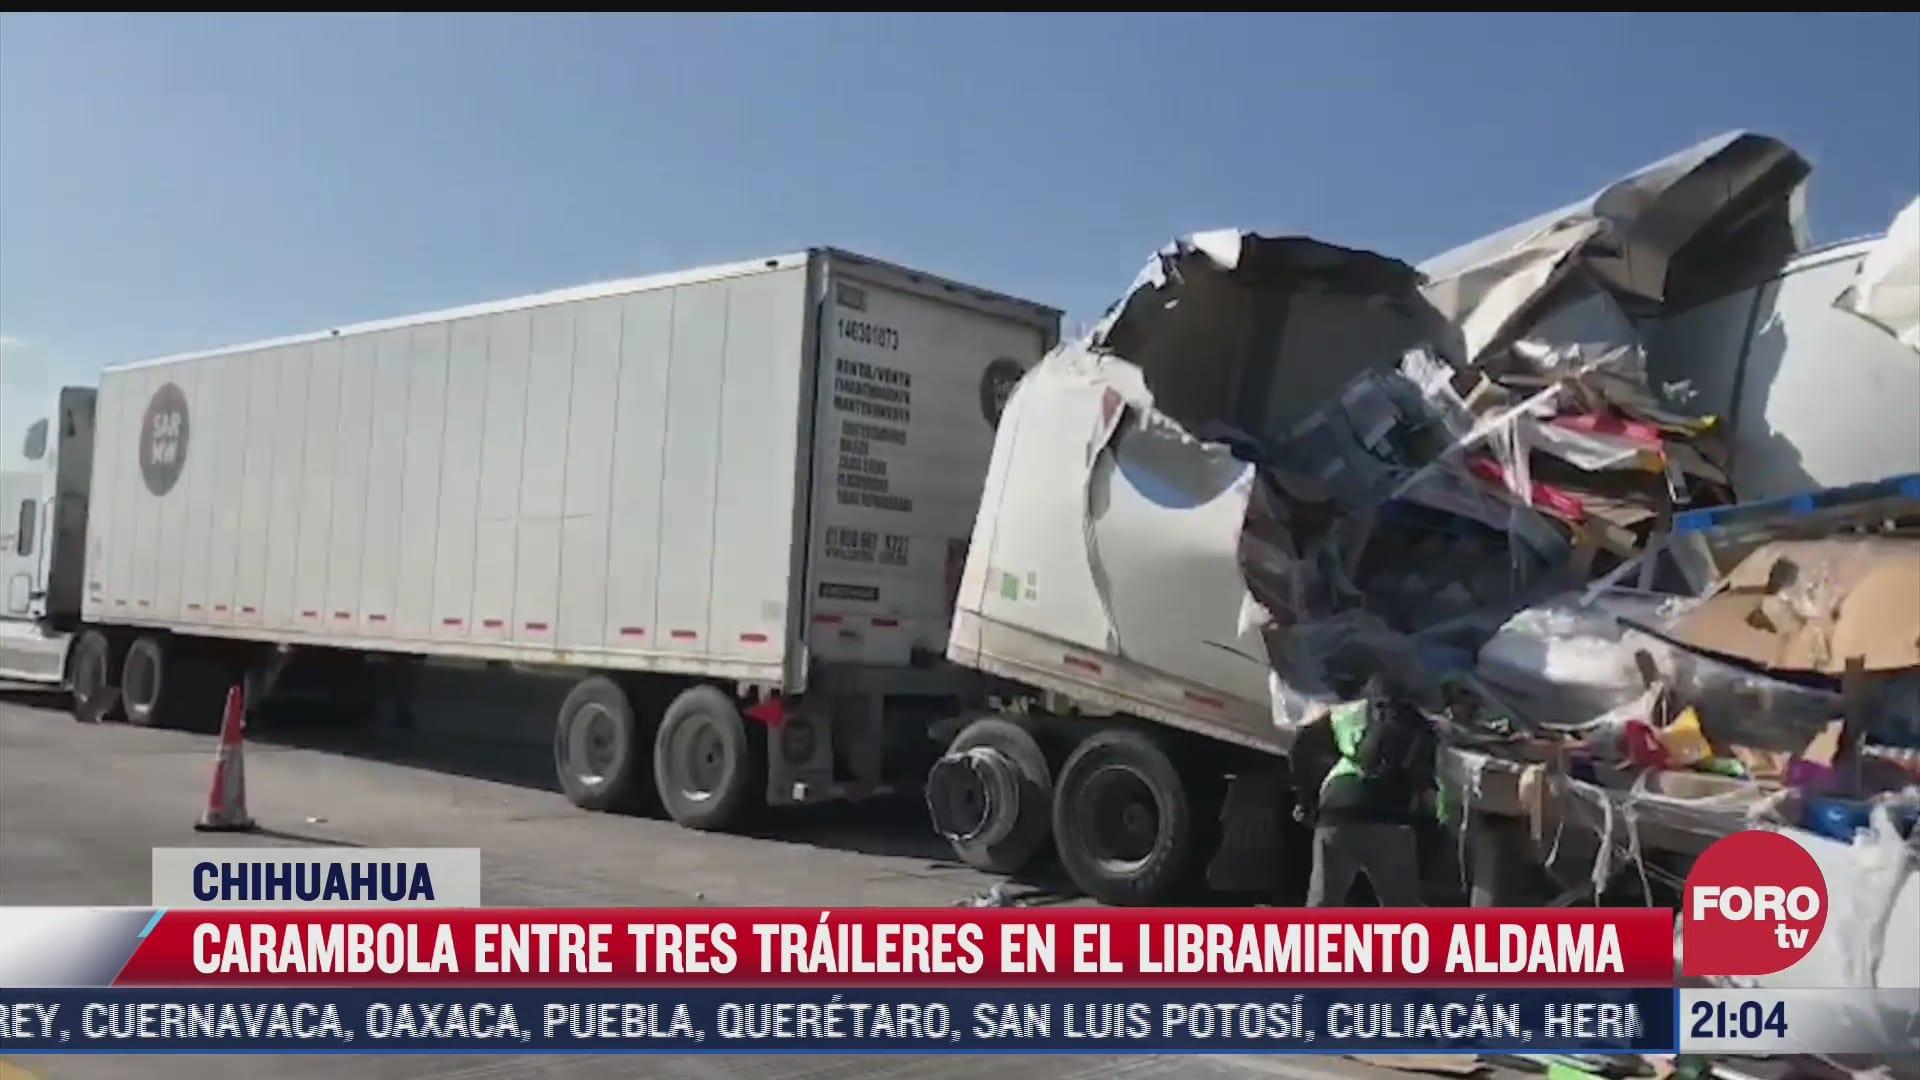 carambola entre tres traileres en el libramiento aldama chihuahua